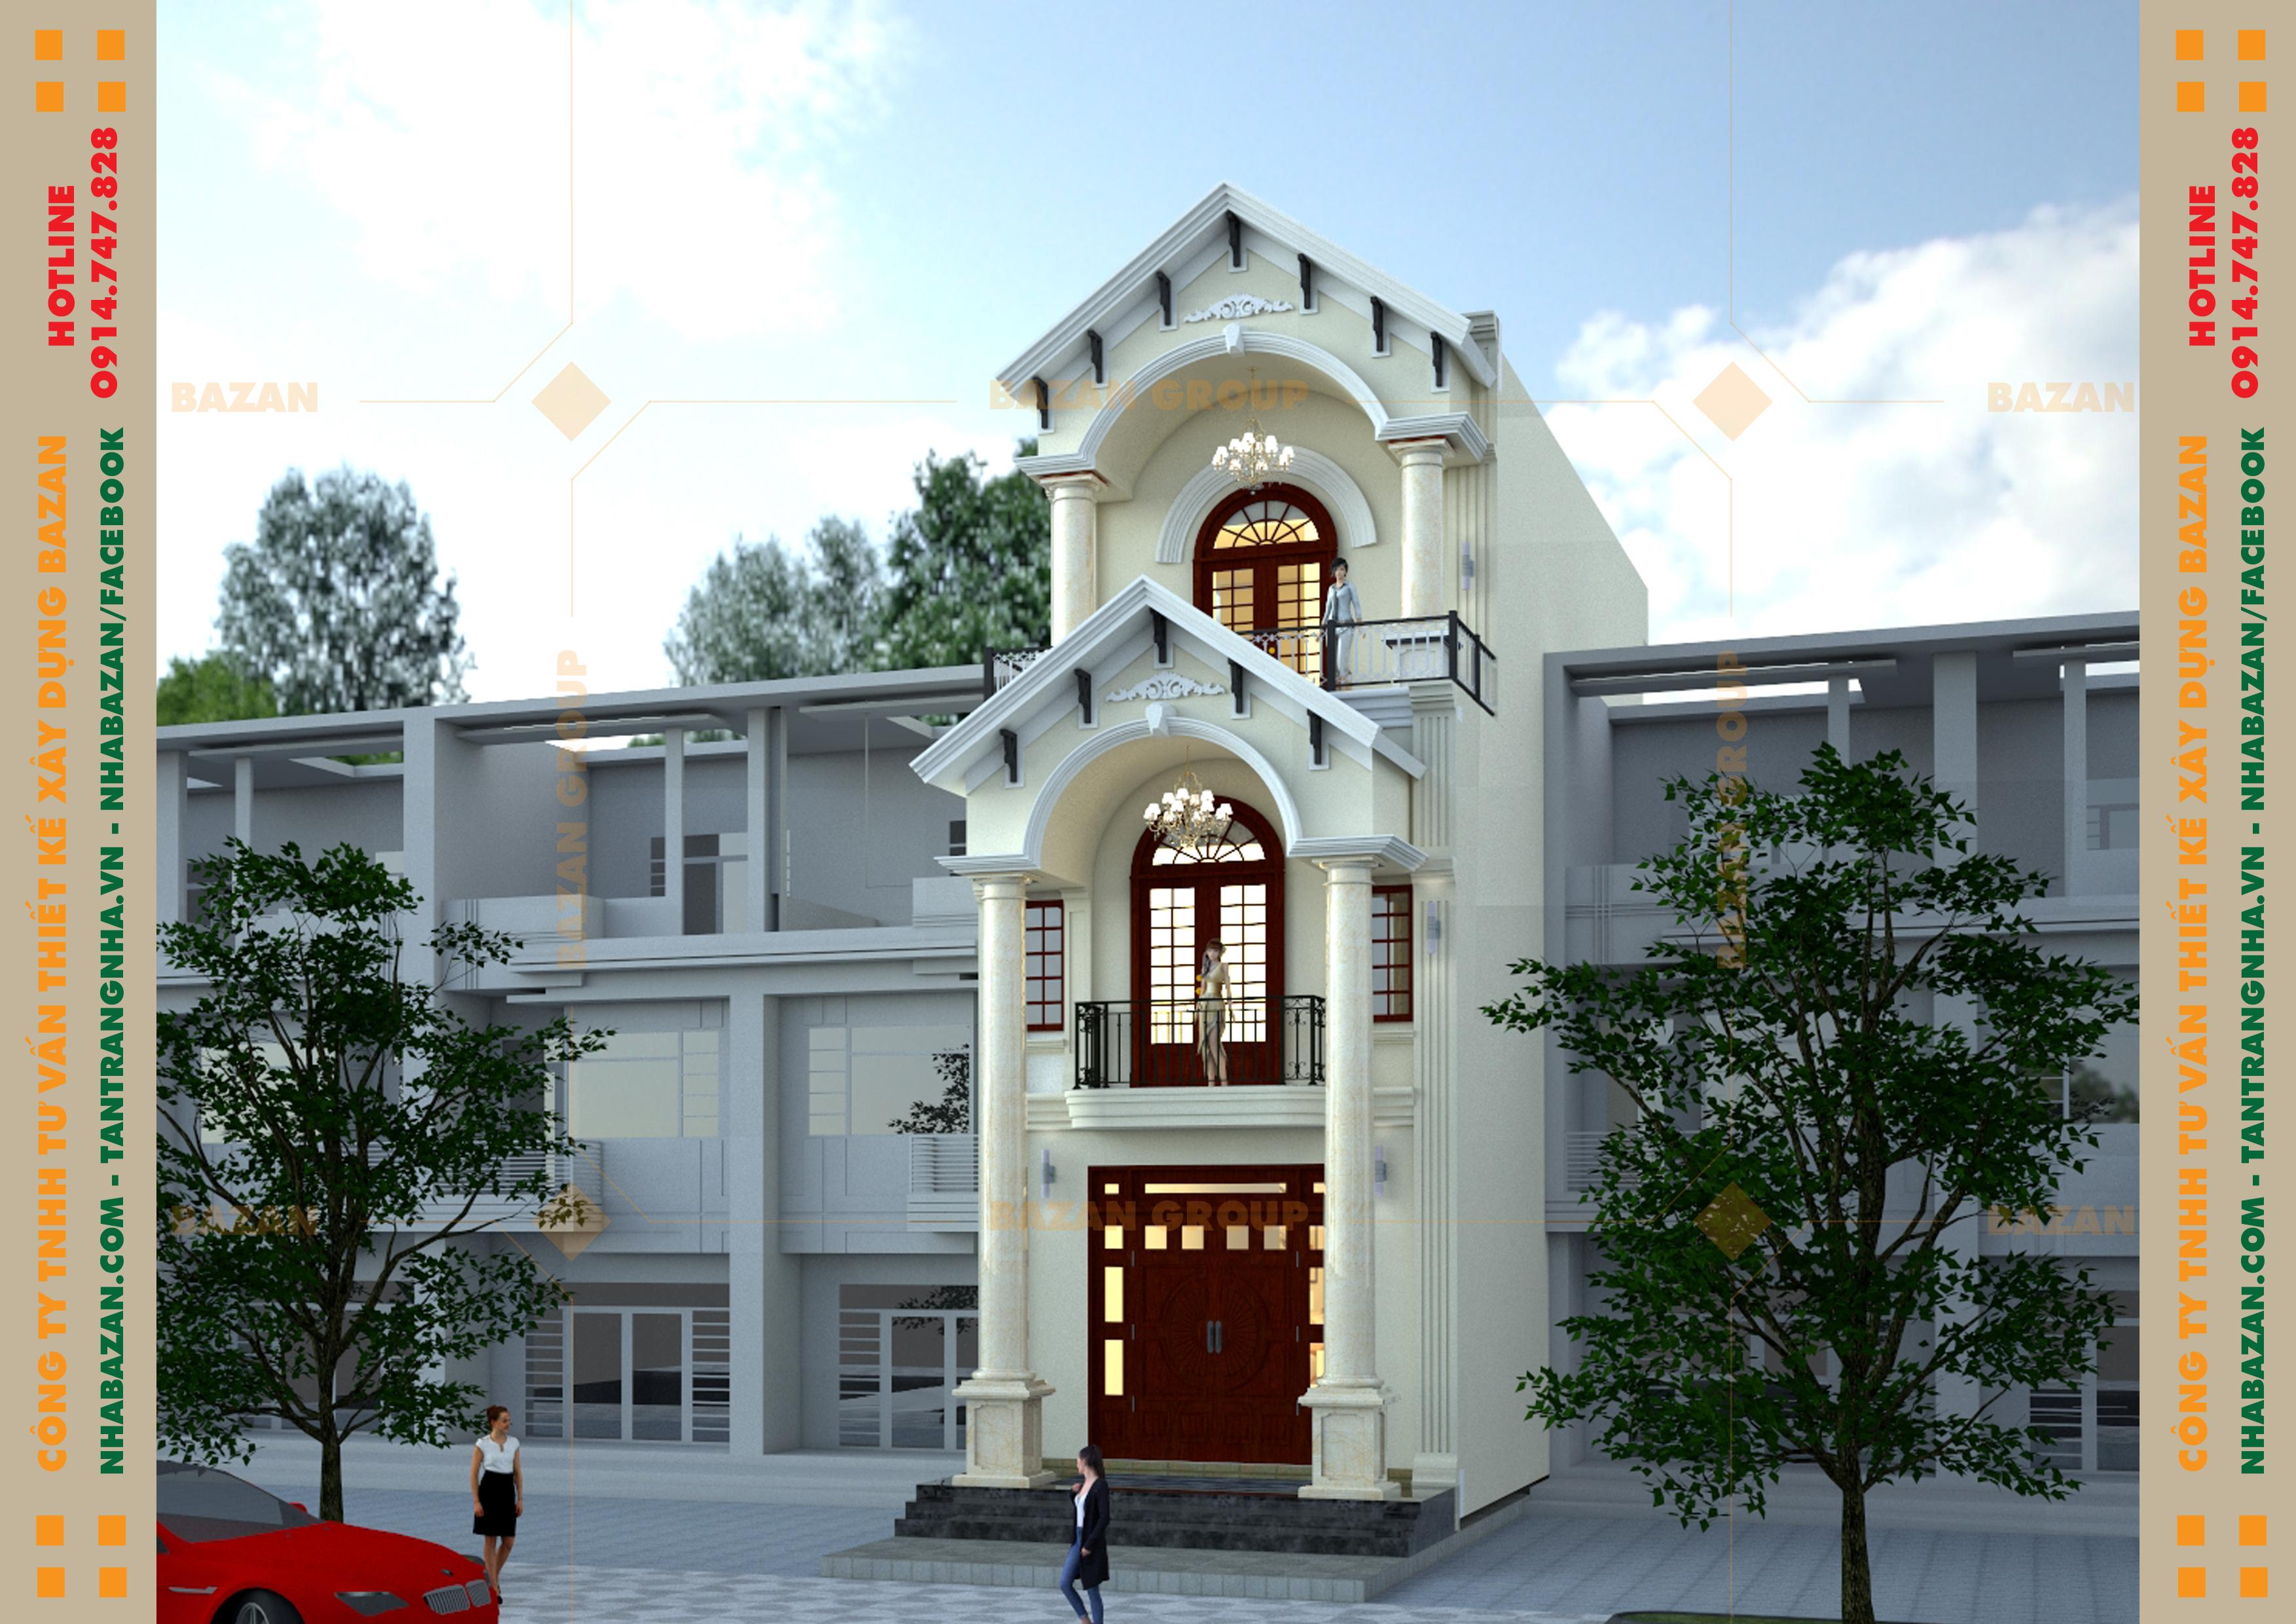 Công Trình Thiết Kế Nhà Phố 3 Tầng Tân Cổ Điển Tại Quận Gò Vấp TPHCM